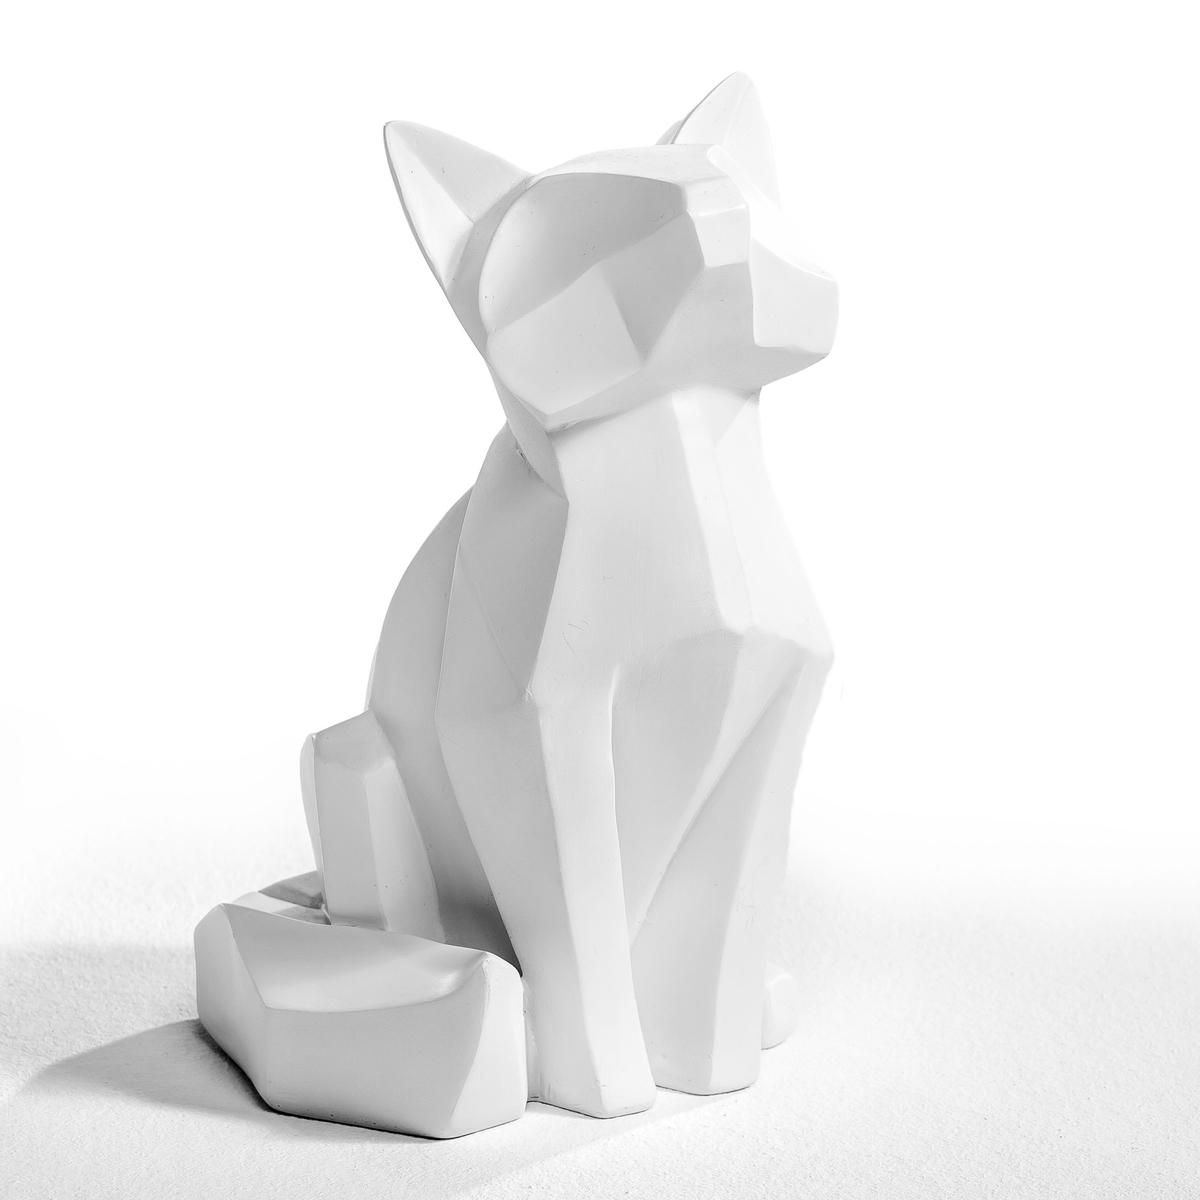 Фигурка Raposa, большая модельЛис из резины, модель оригами. Размеры: Ш.12 x В.20 см x Г. ок.11 см.<br><br>Цвет: белый